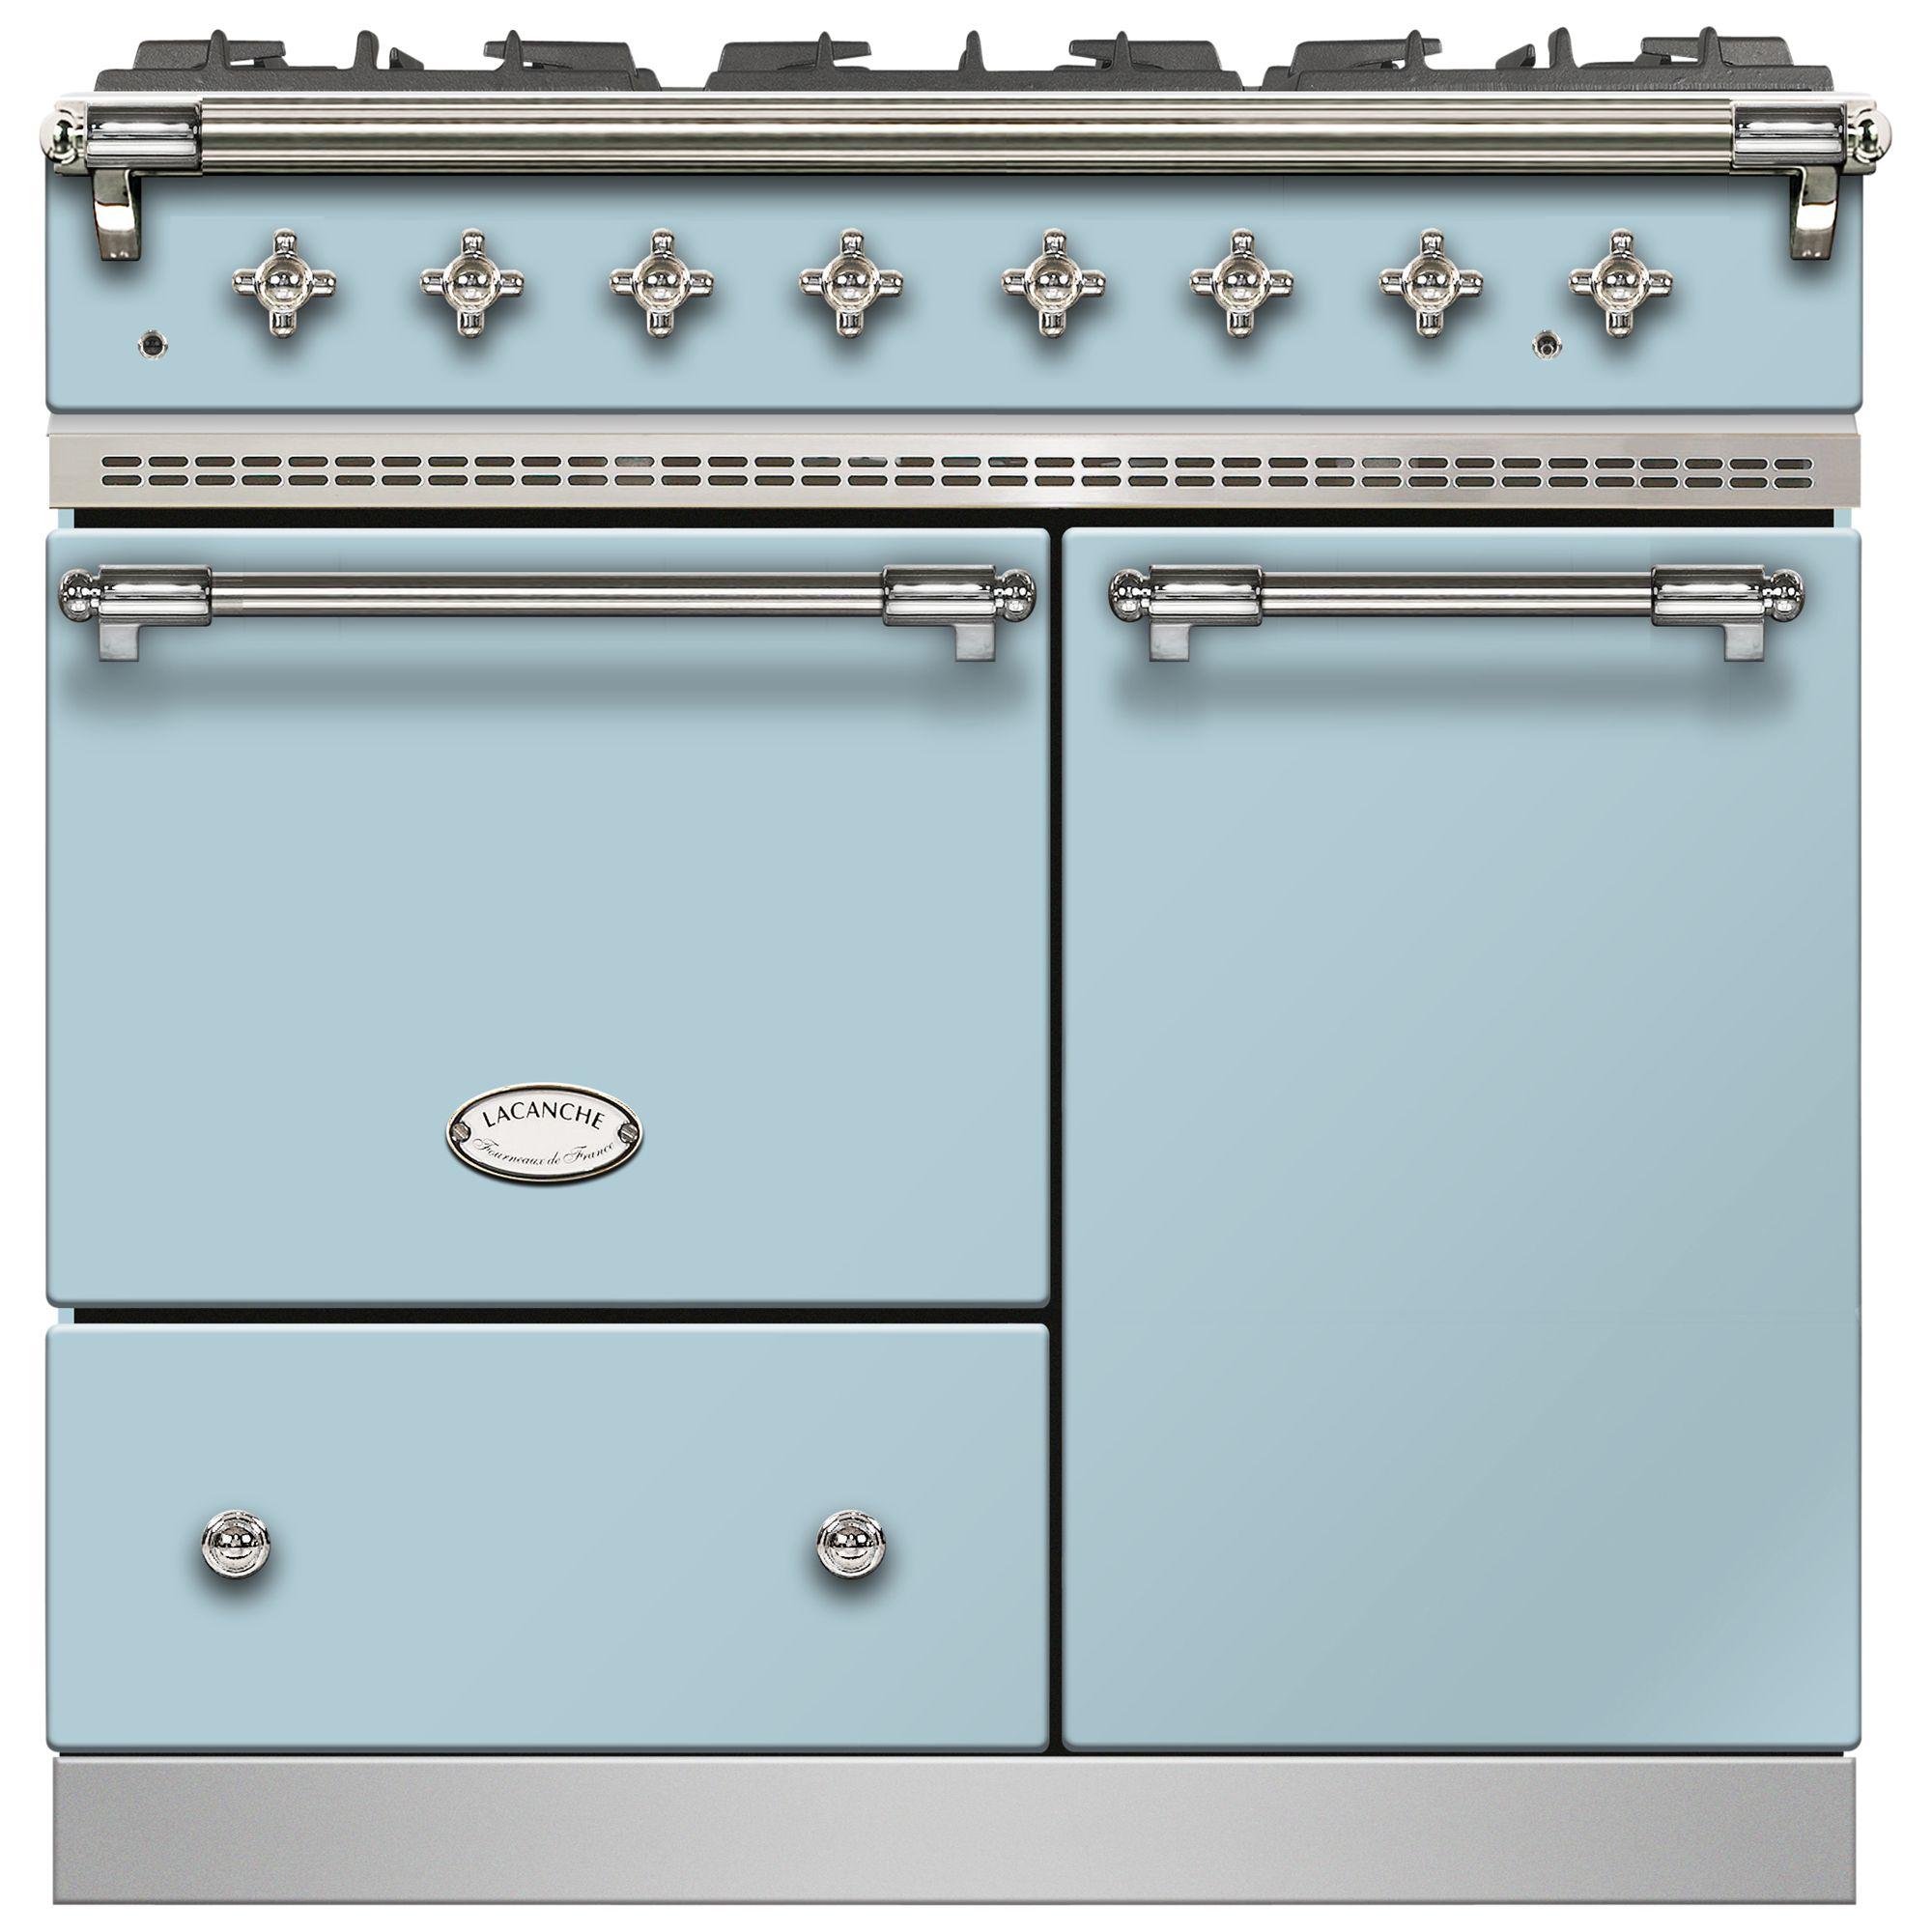 Lacanche Lacanche Beaune LG962GCTDBLDCHA Dual Fuel Range Cooker, Delft Blue / Chrome Trim